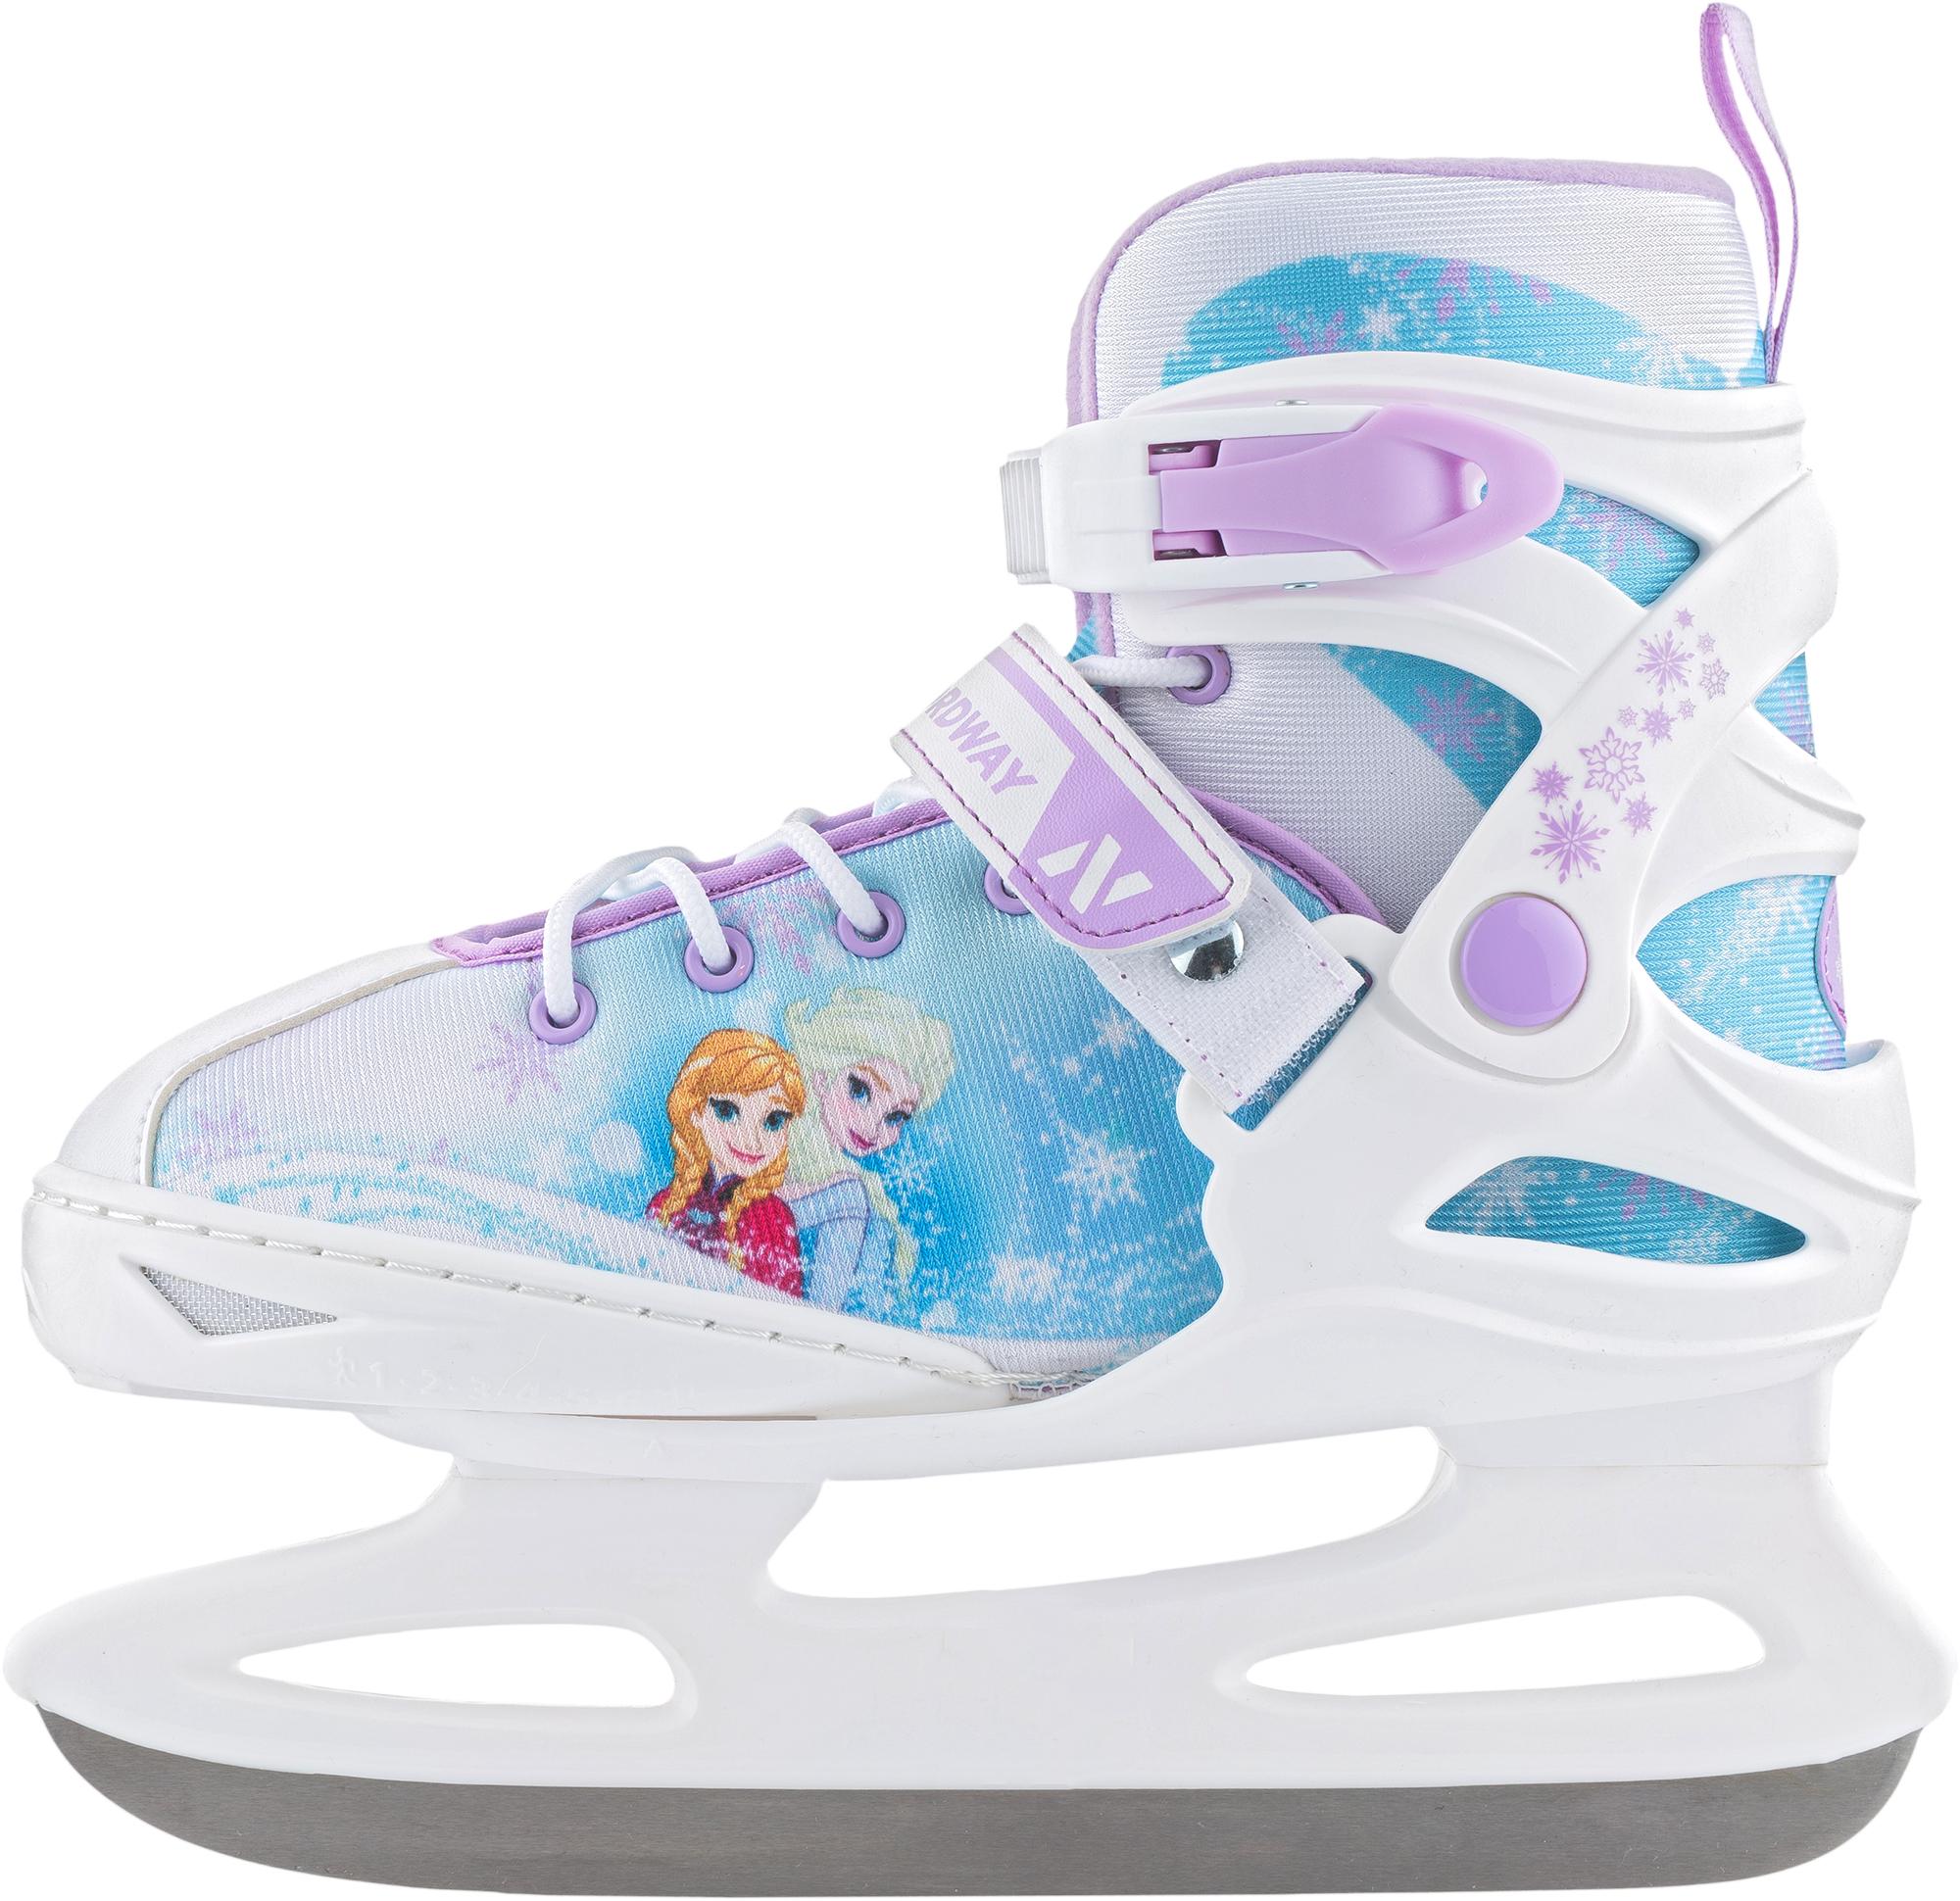 nordway настольный хоккей nordway Nordway Nordway Frozen Girl (2016, детские)